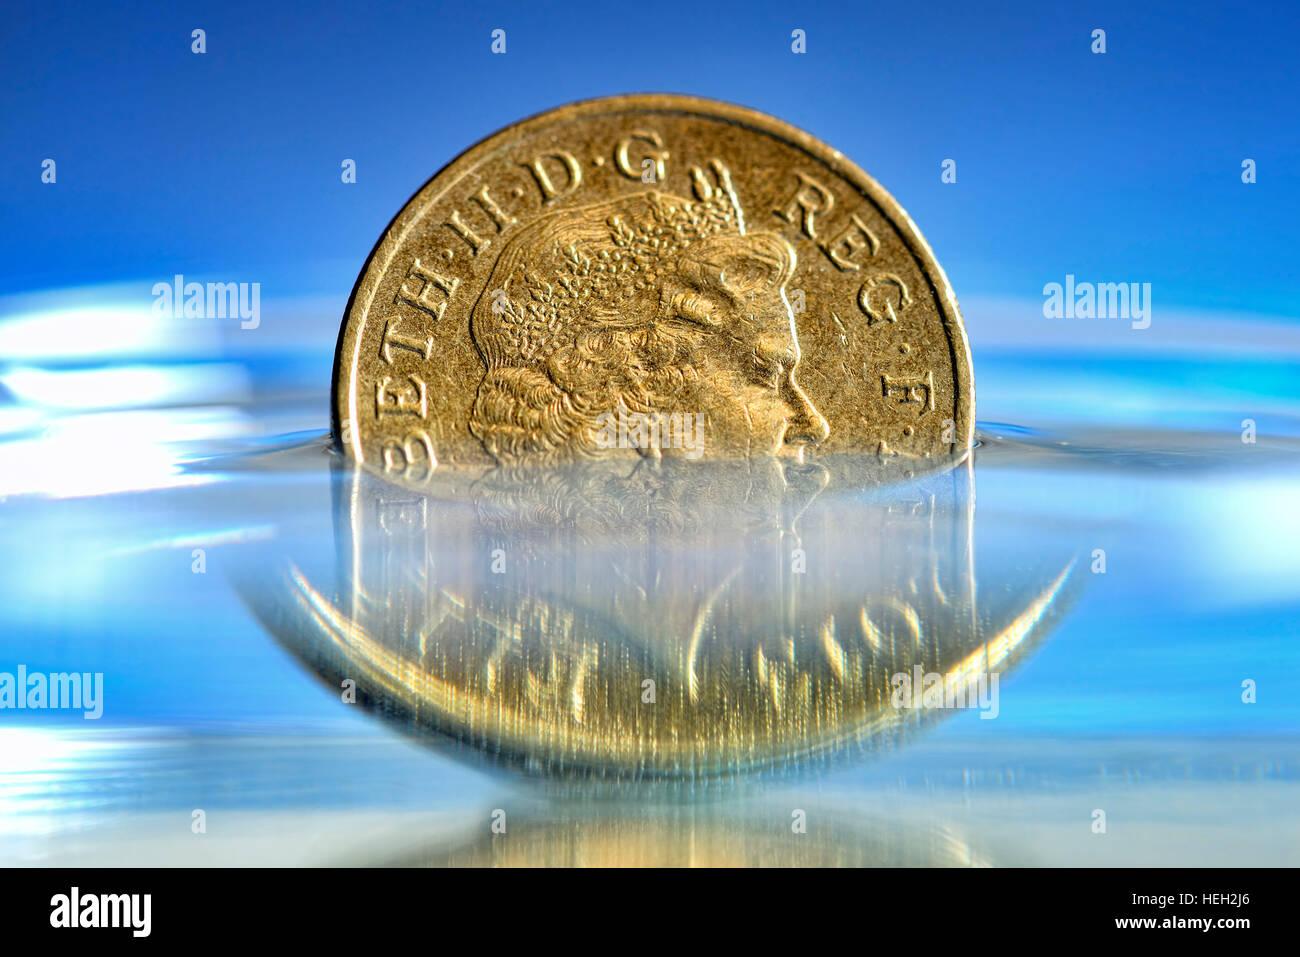 Britische Ein-Pfund-Muenze im Wasser, niedriger Pfund-Kurs Stock Photo